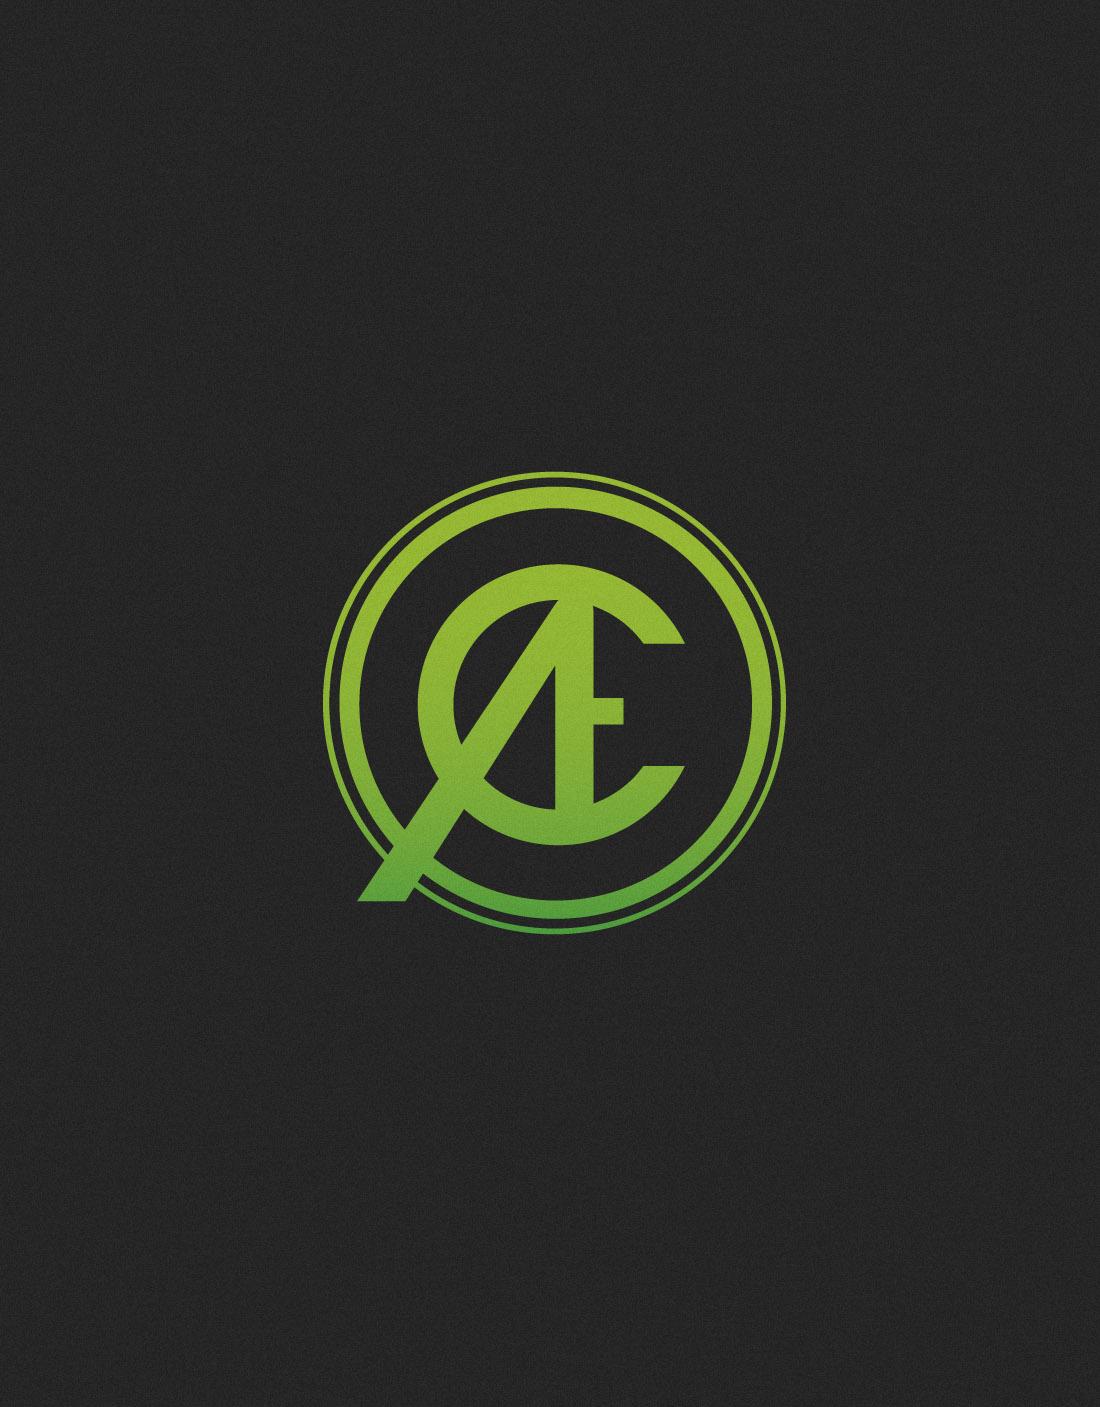 Logotipo El Angel Caido